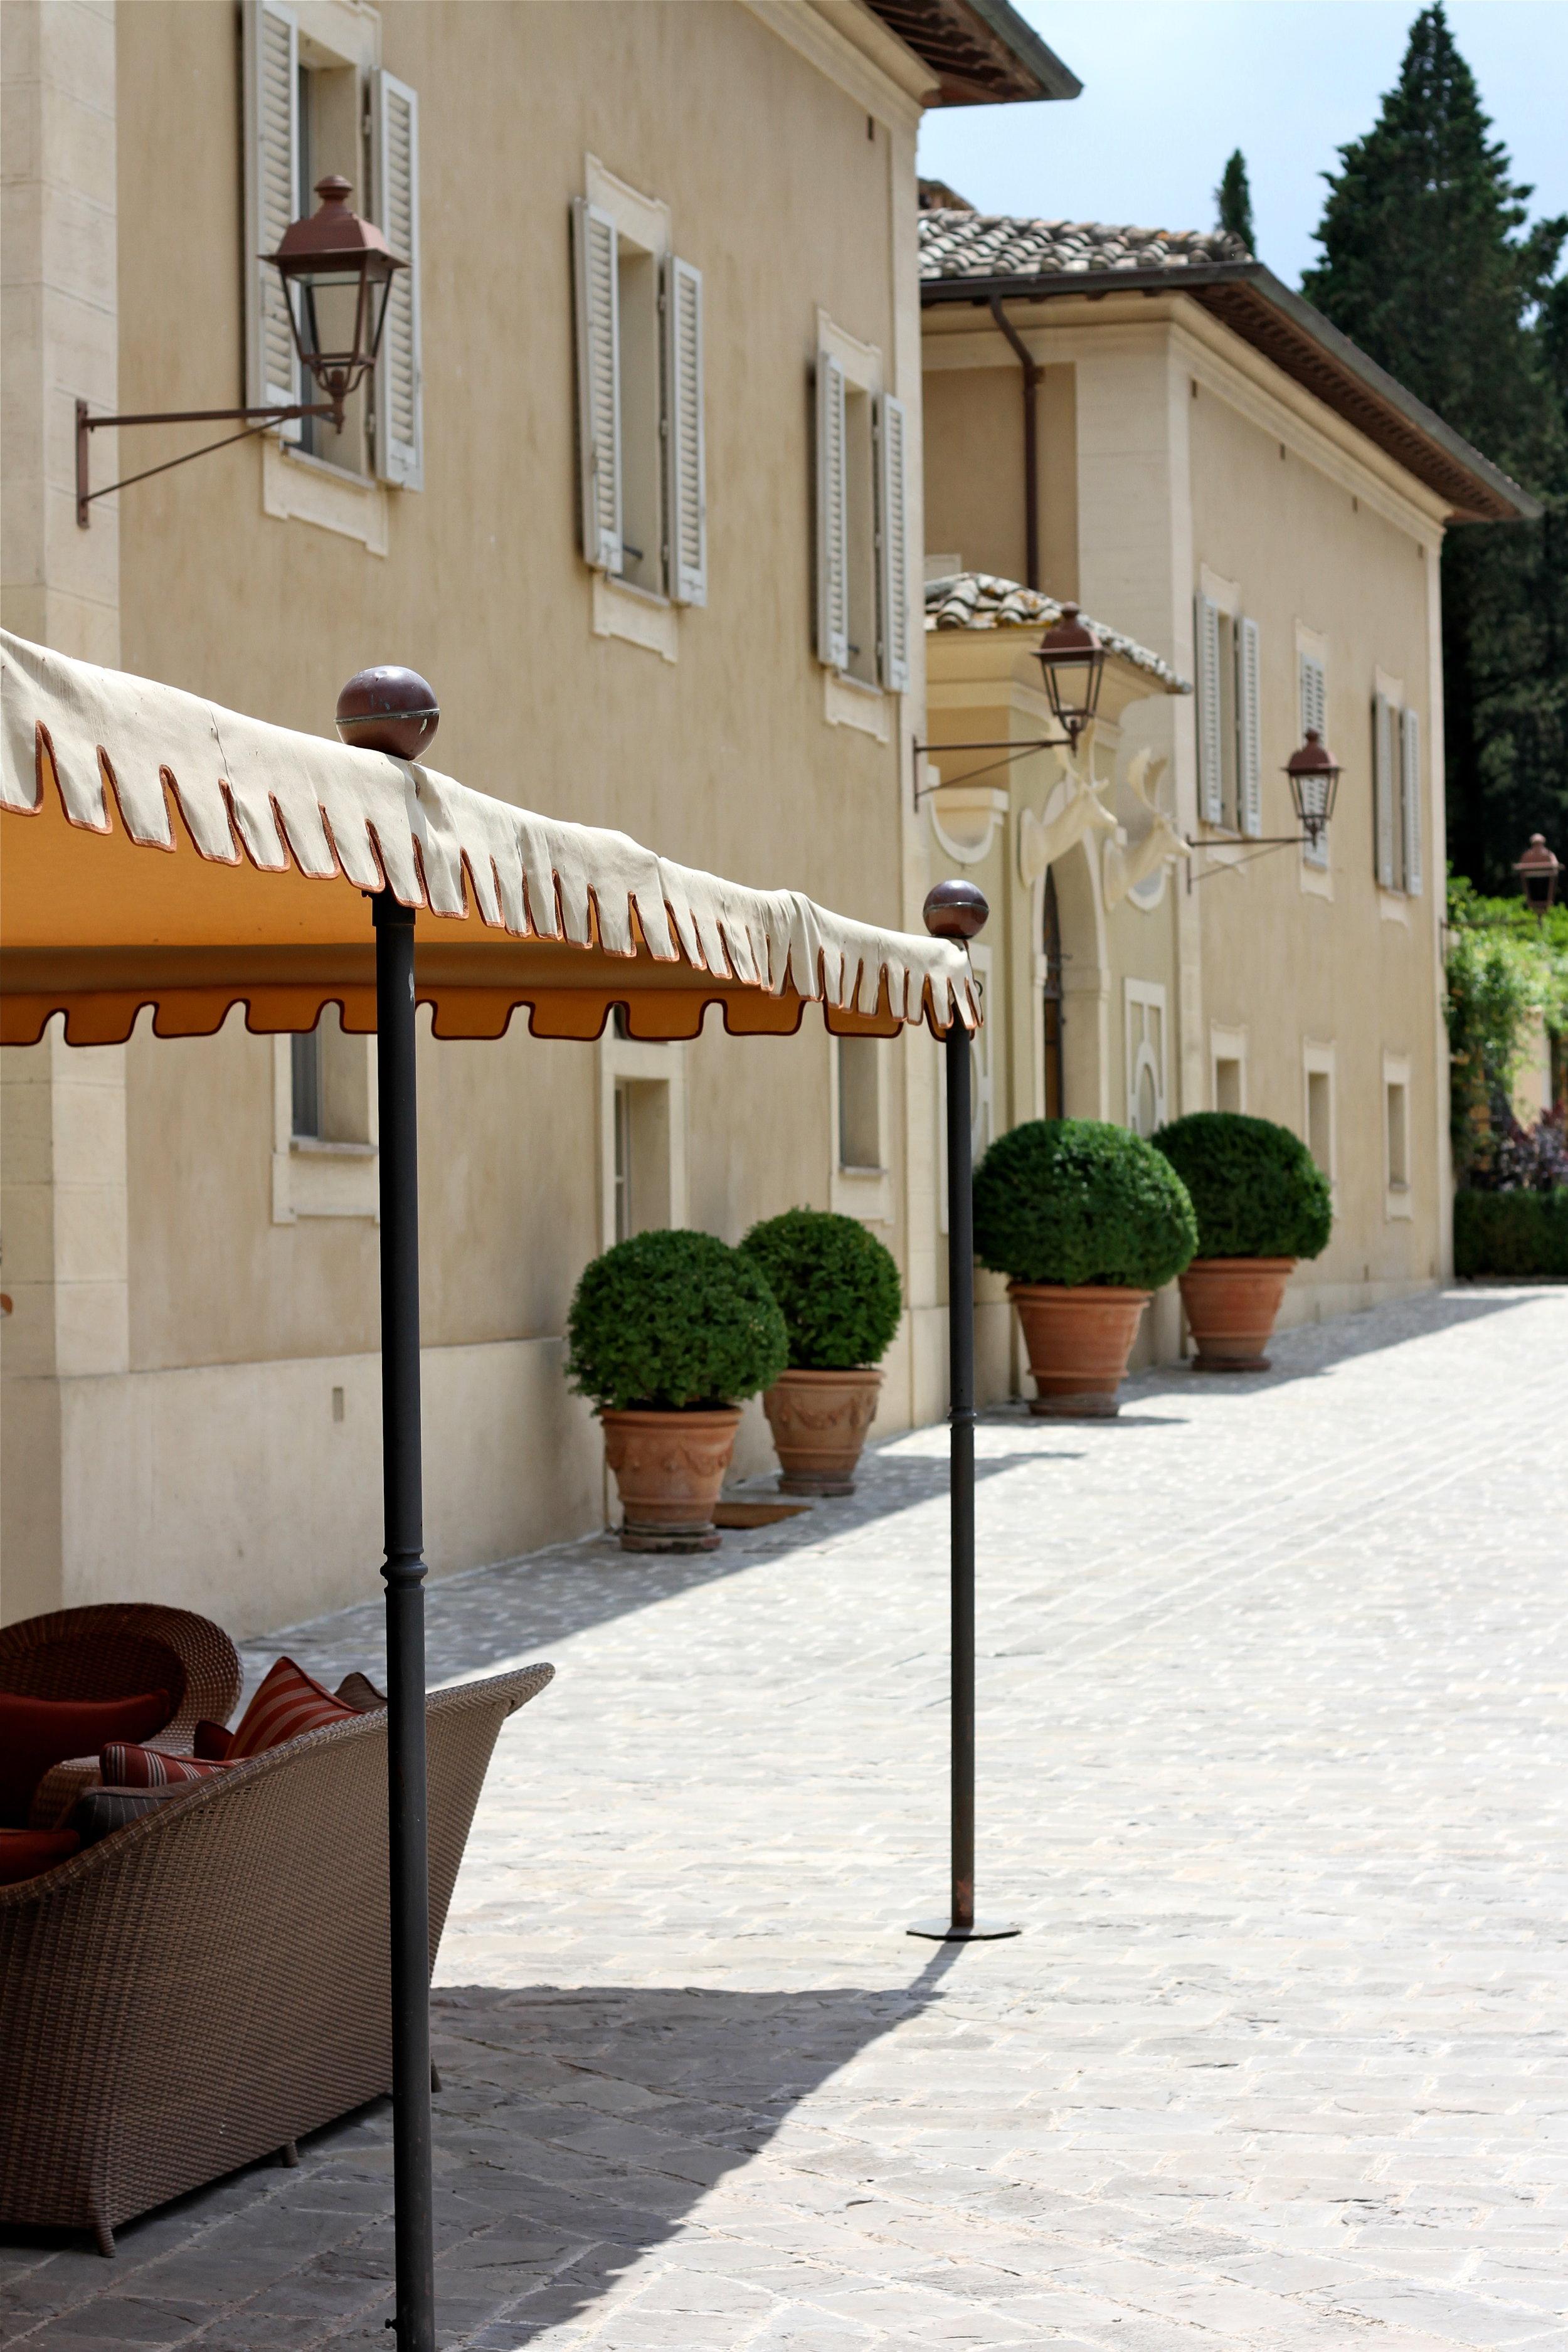 Roewood Castiglion del Bosco, Montalcino, Tuscany, Italy.